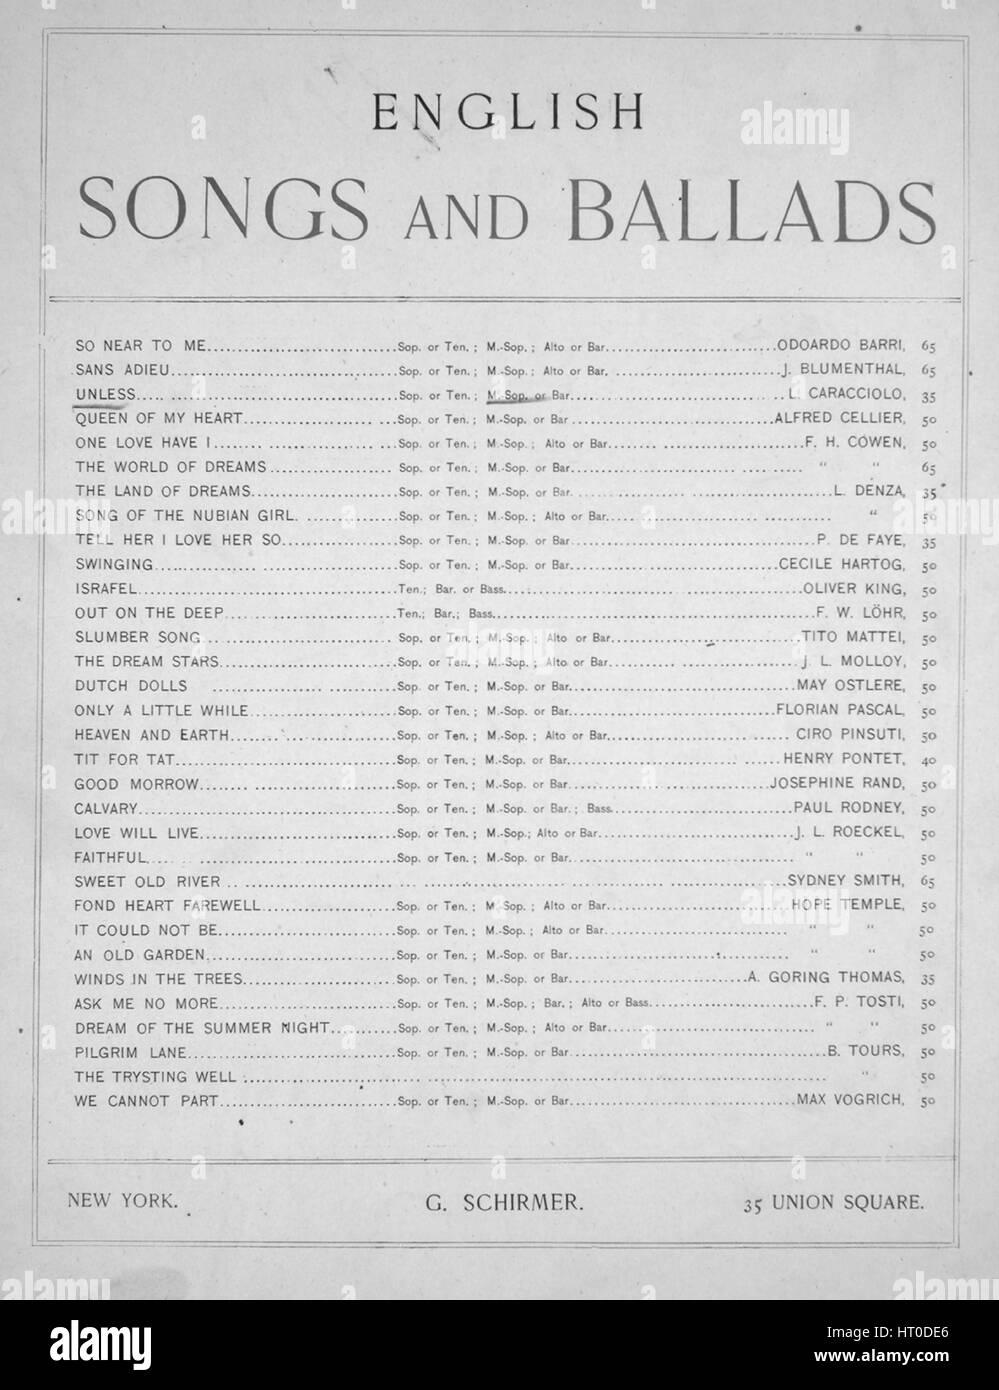 Foglio di musica immagine copertina della canzone 'Inglese